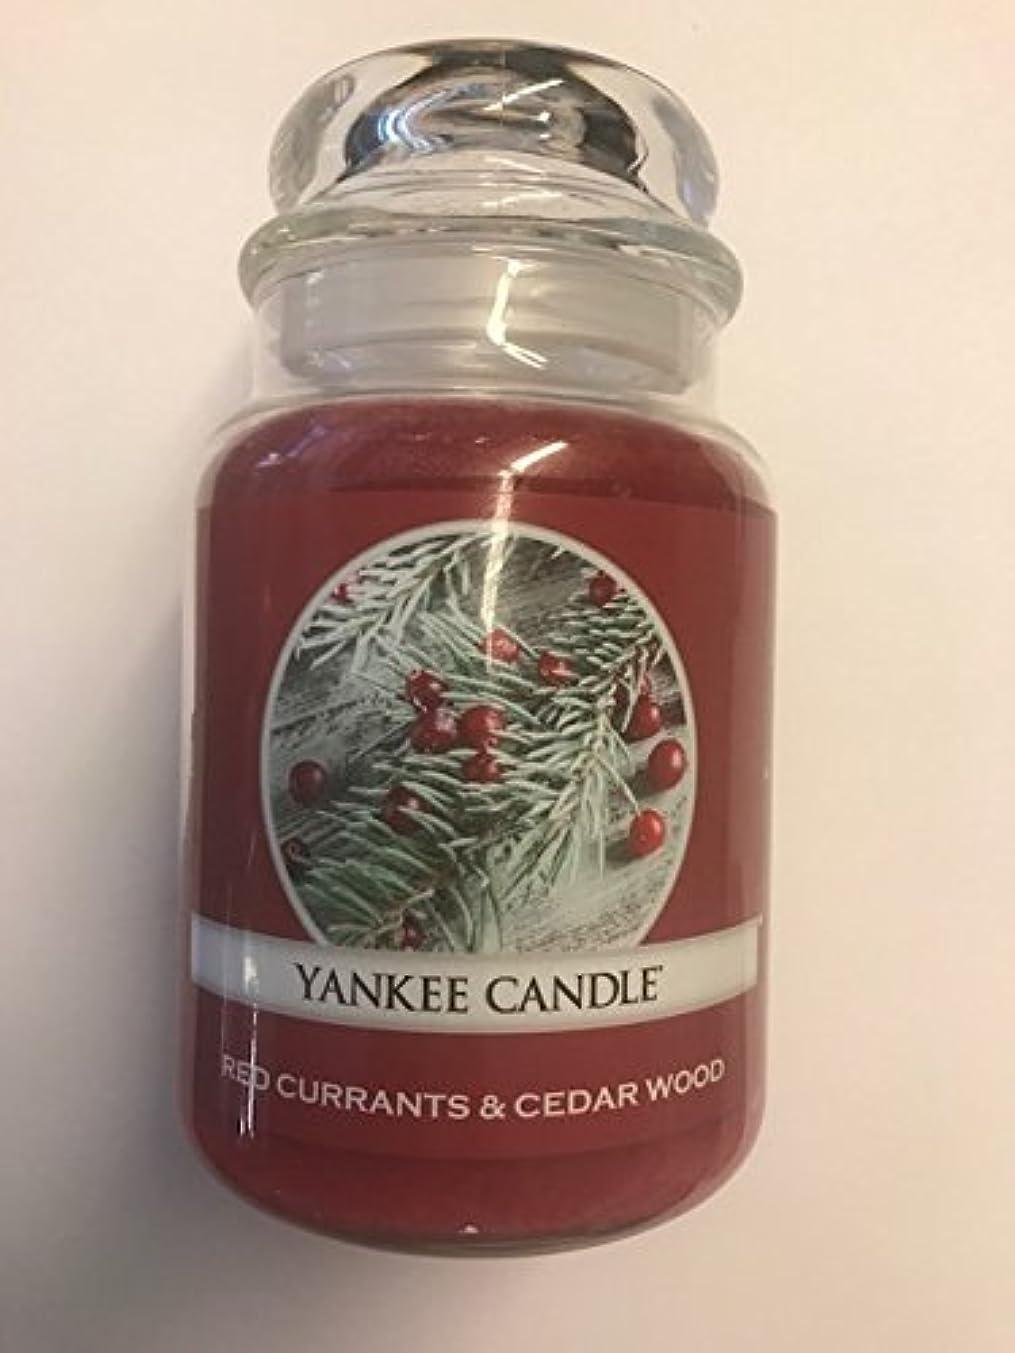 同様に希望に満ちたパークRed Currants & Cedar Wood Yankee Candle / 22 0z